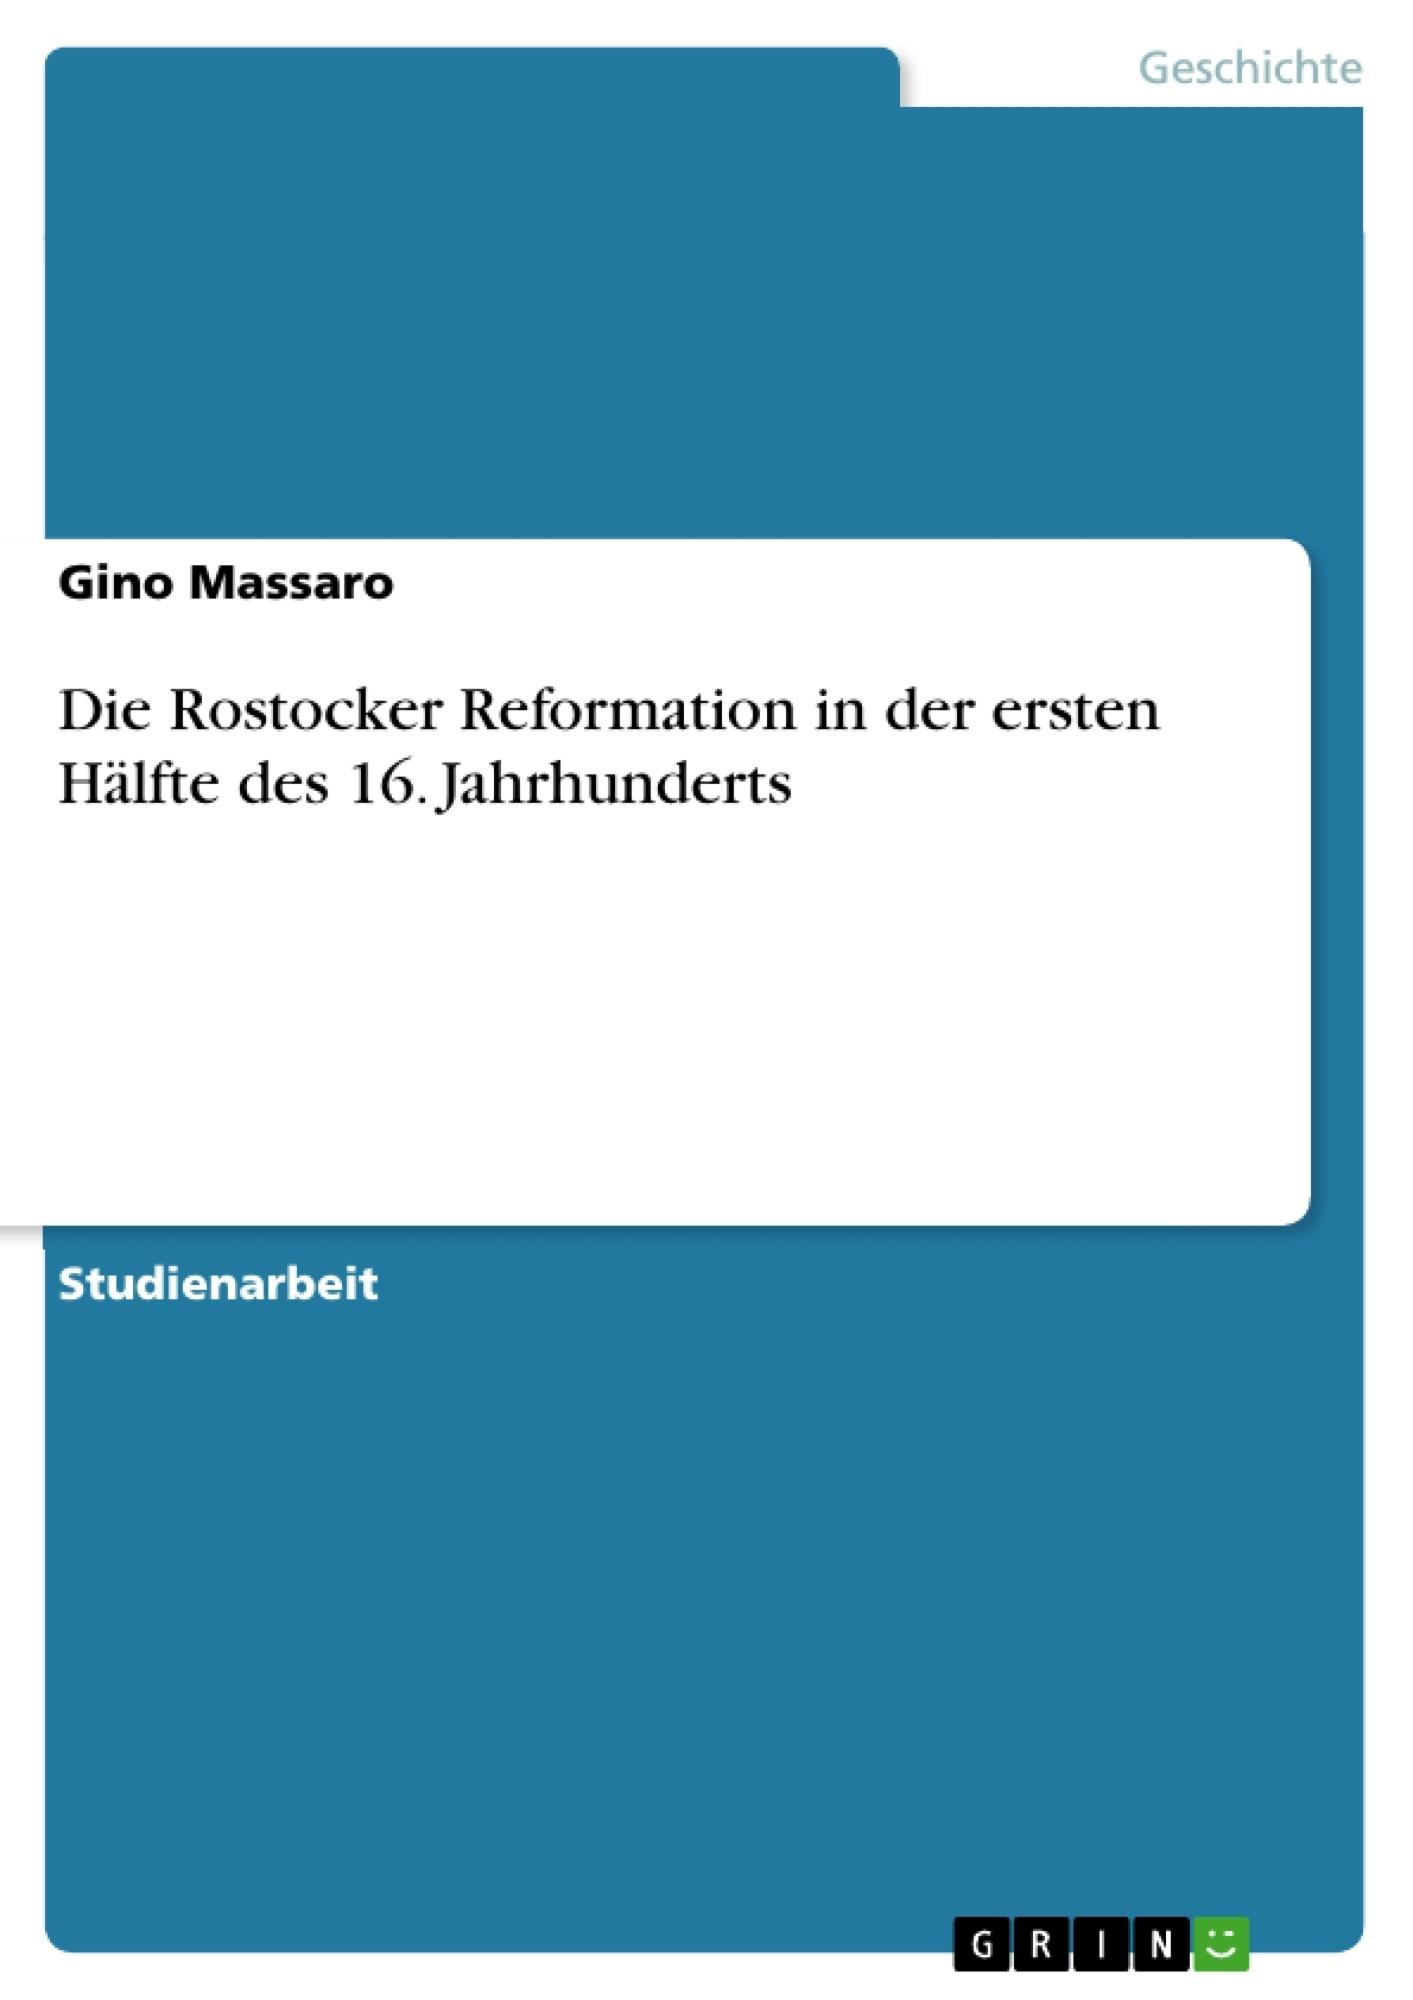 Titel: Die Rostocker Reformation in der ersten Hälfte des 16. Jahrhunderts